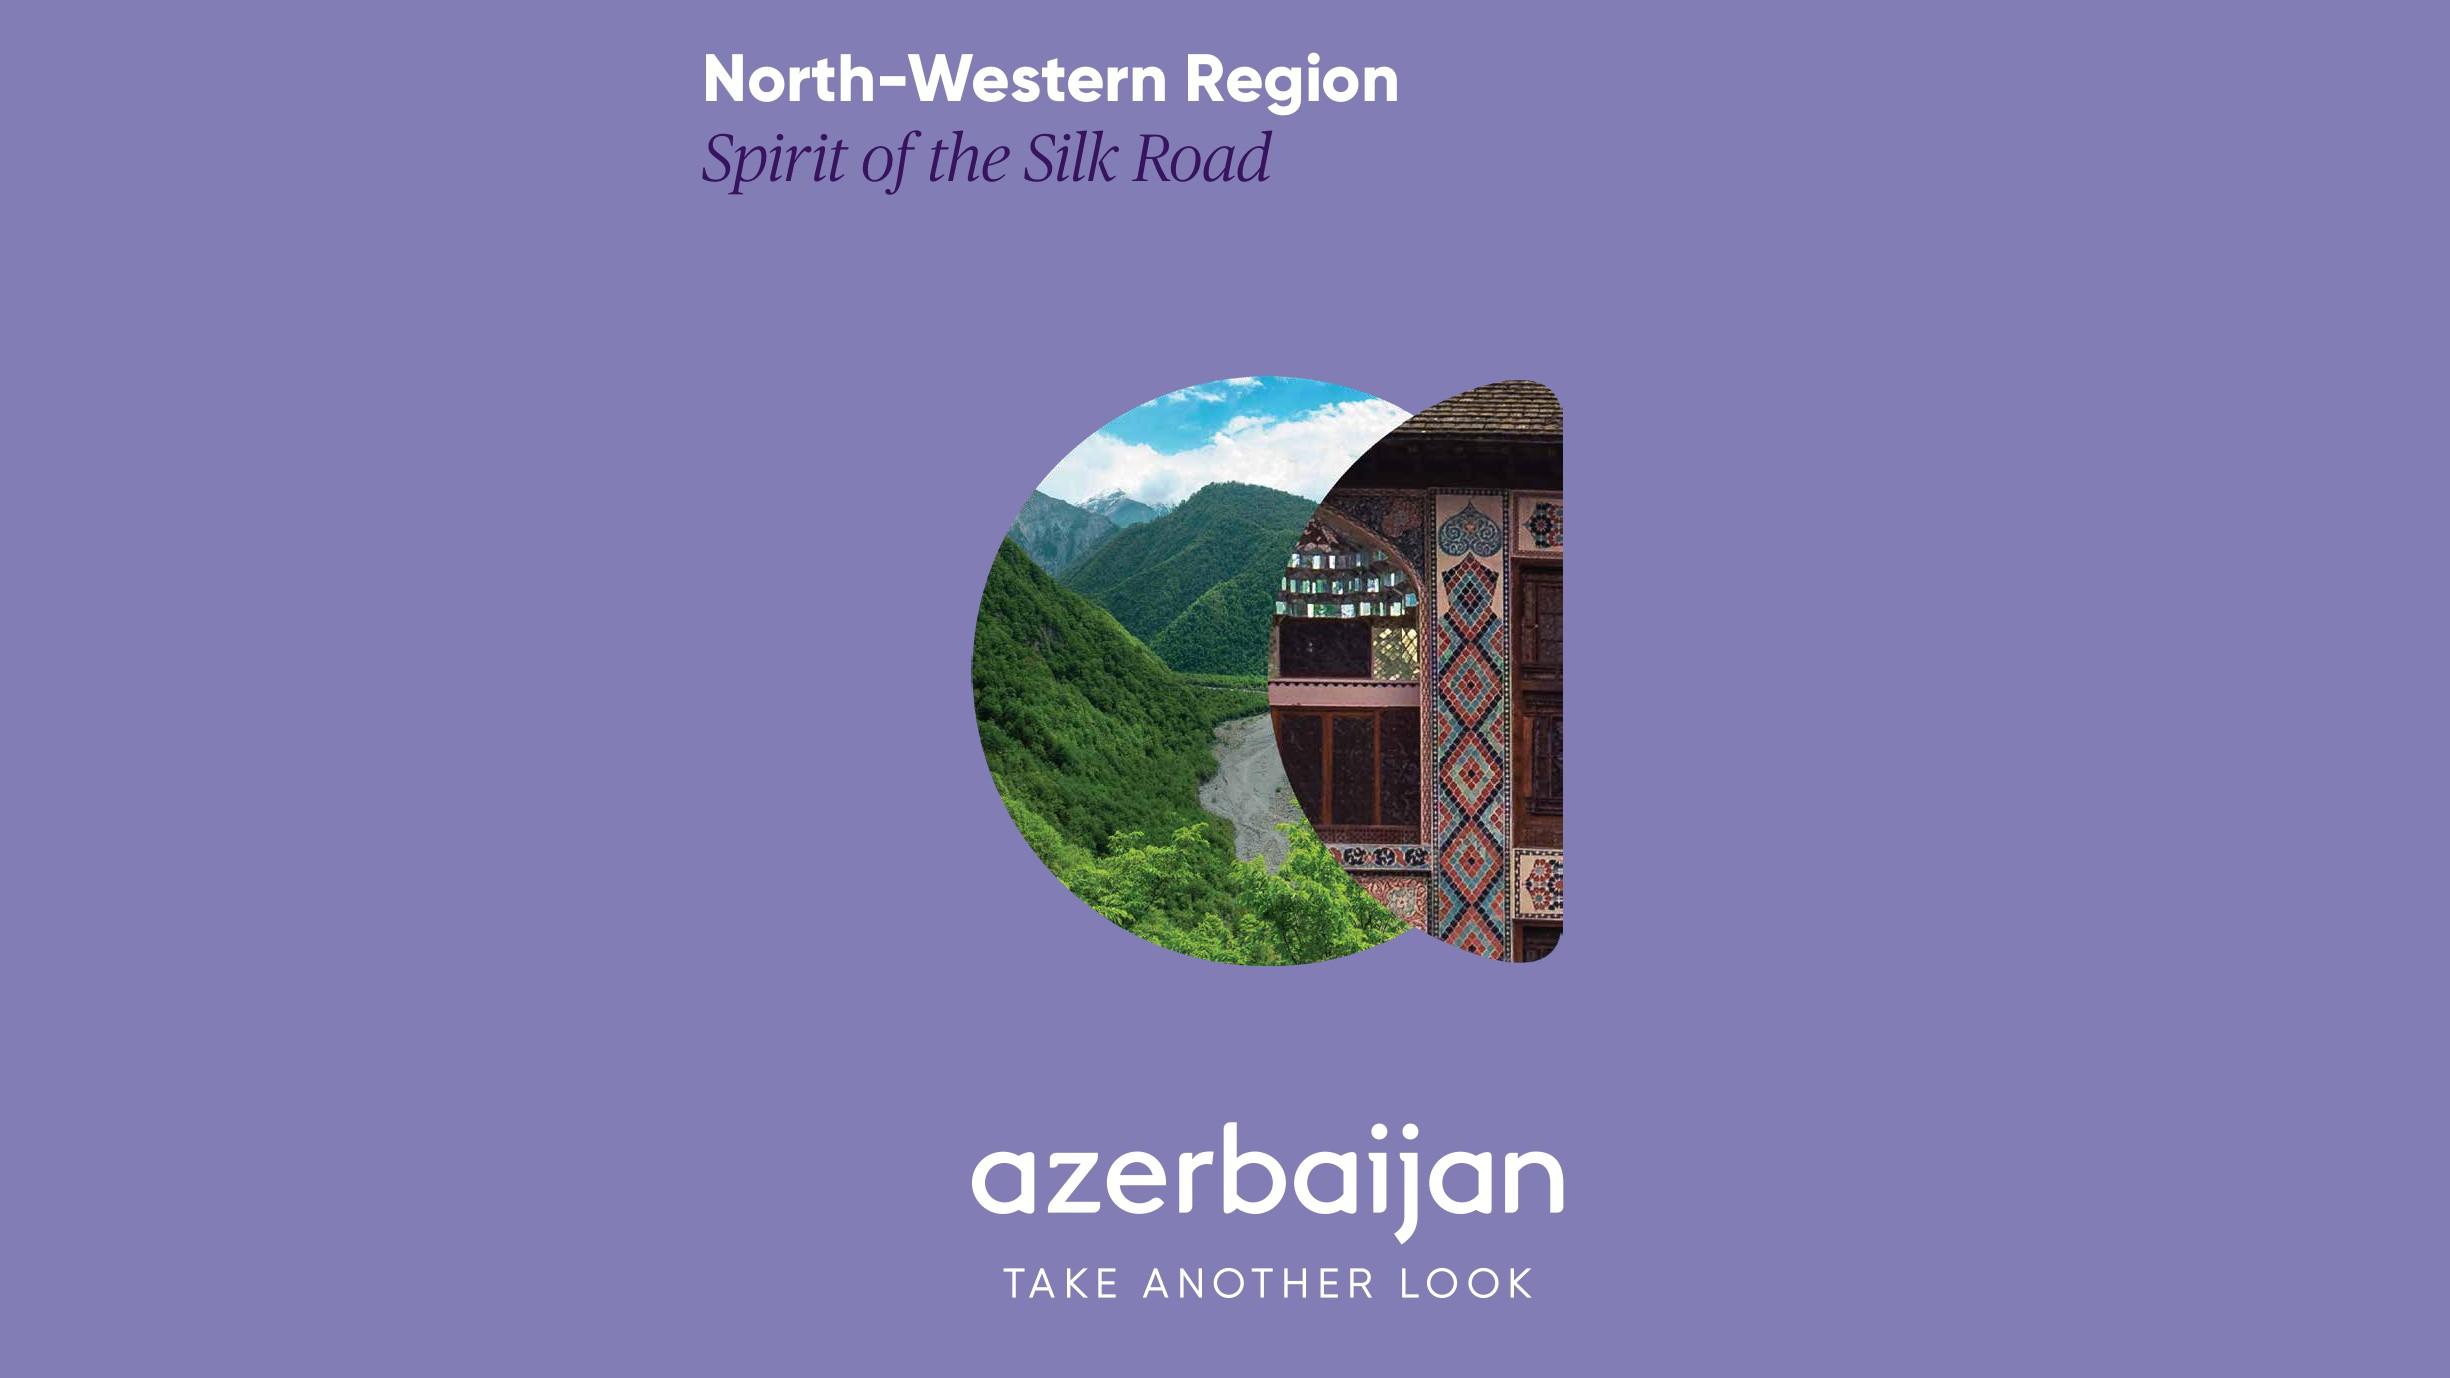 Şimal-qərb turizm dəhlizi üzrə regional broşür hazırlanıb